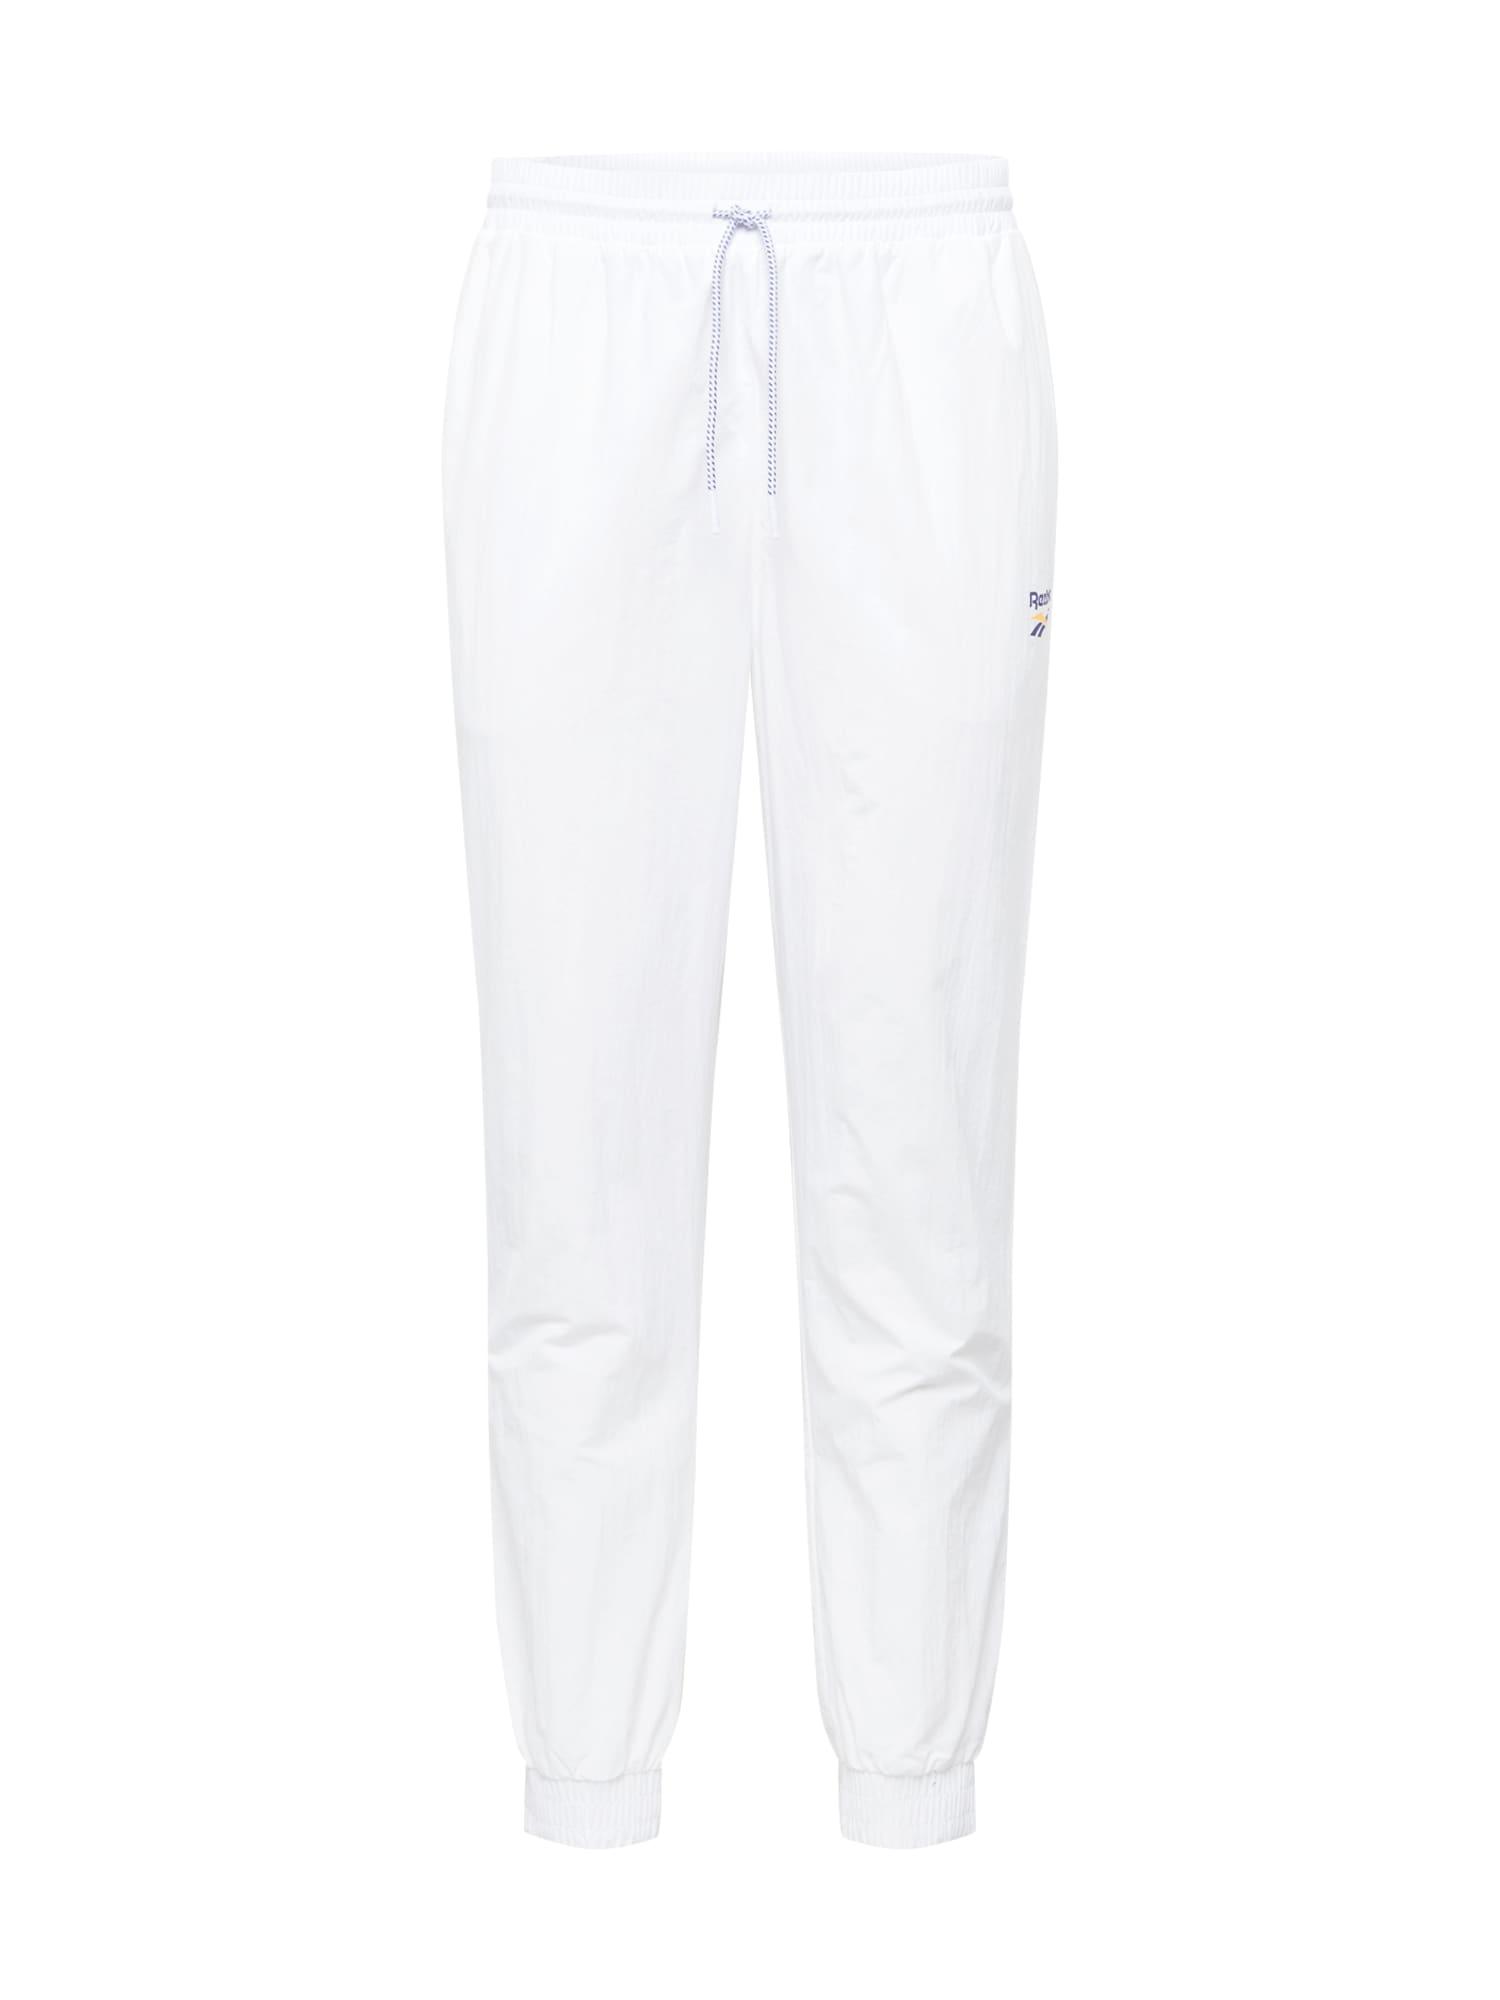 Kalhoty Cl Unisex V Trac námořnická modř bílá Reebok Classic